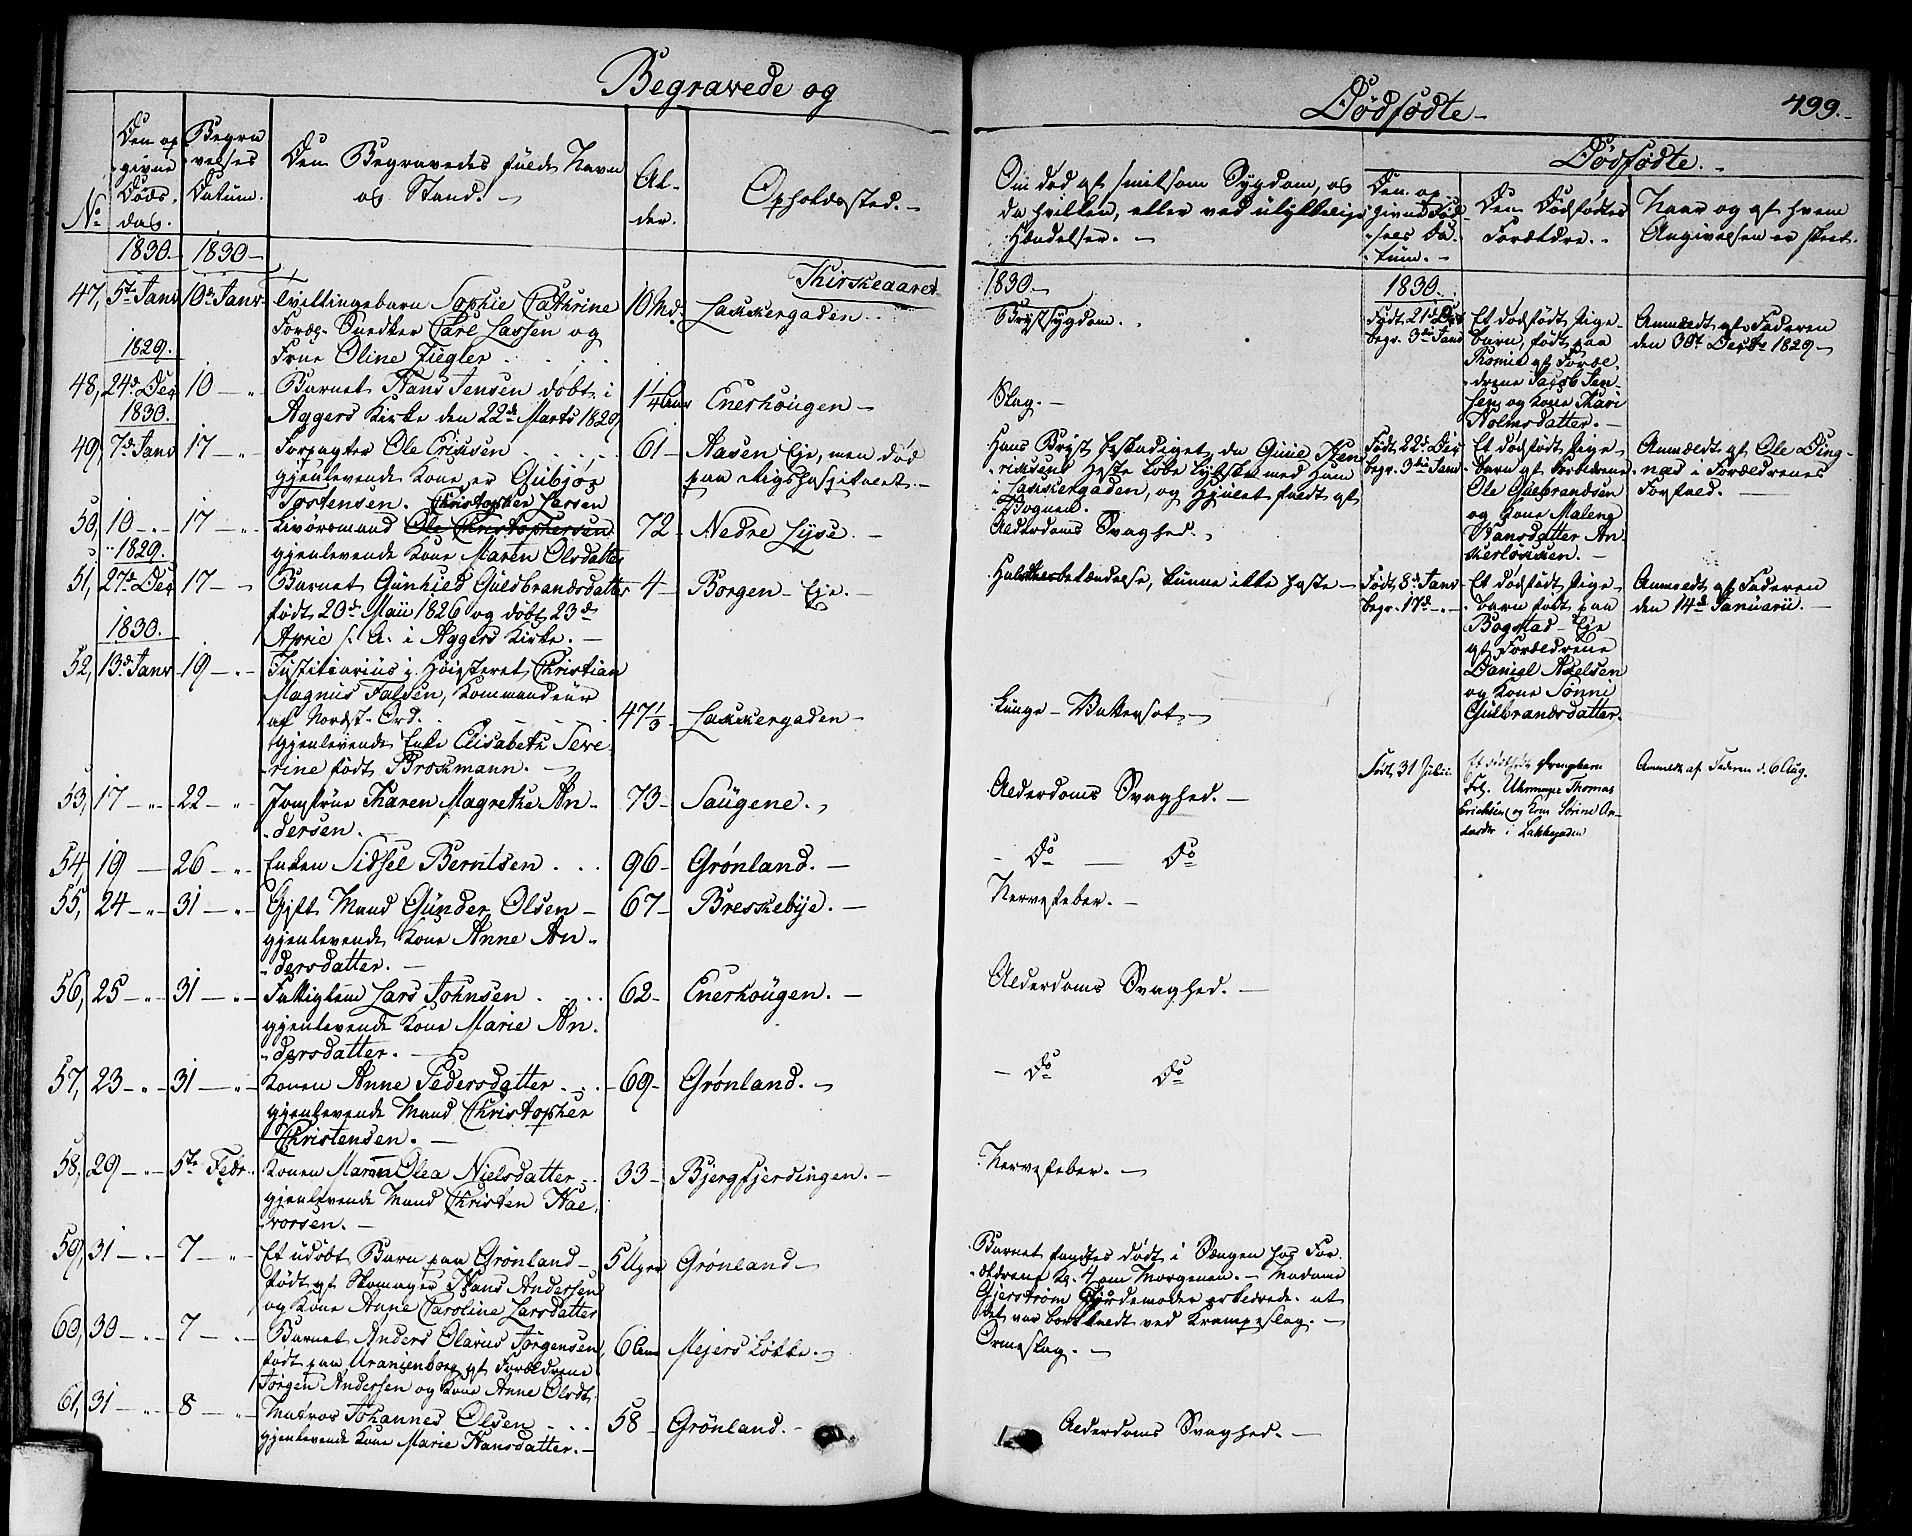 SAO, Aker prestekontor kirkebøker, F/L0013: Ministerialbok nr. 13, 1828-1837, s. 499